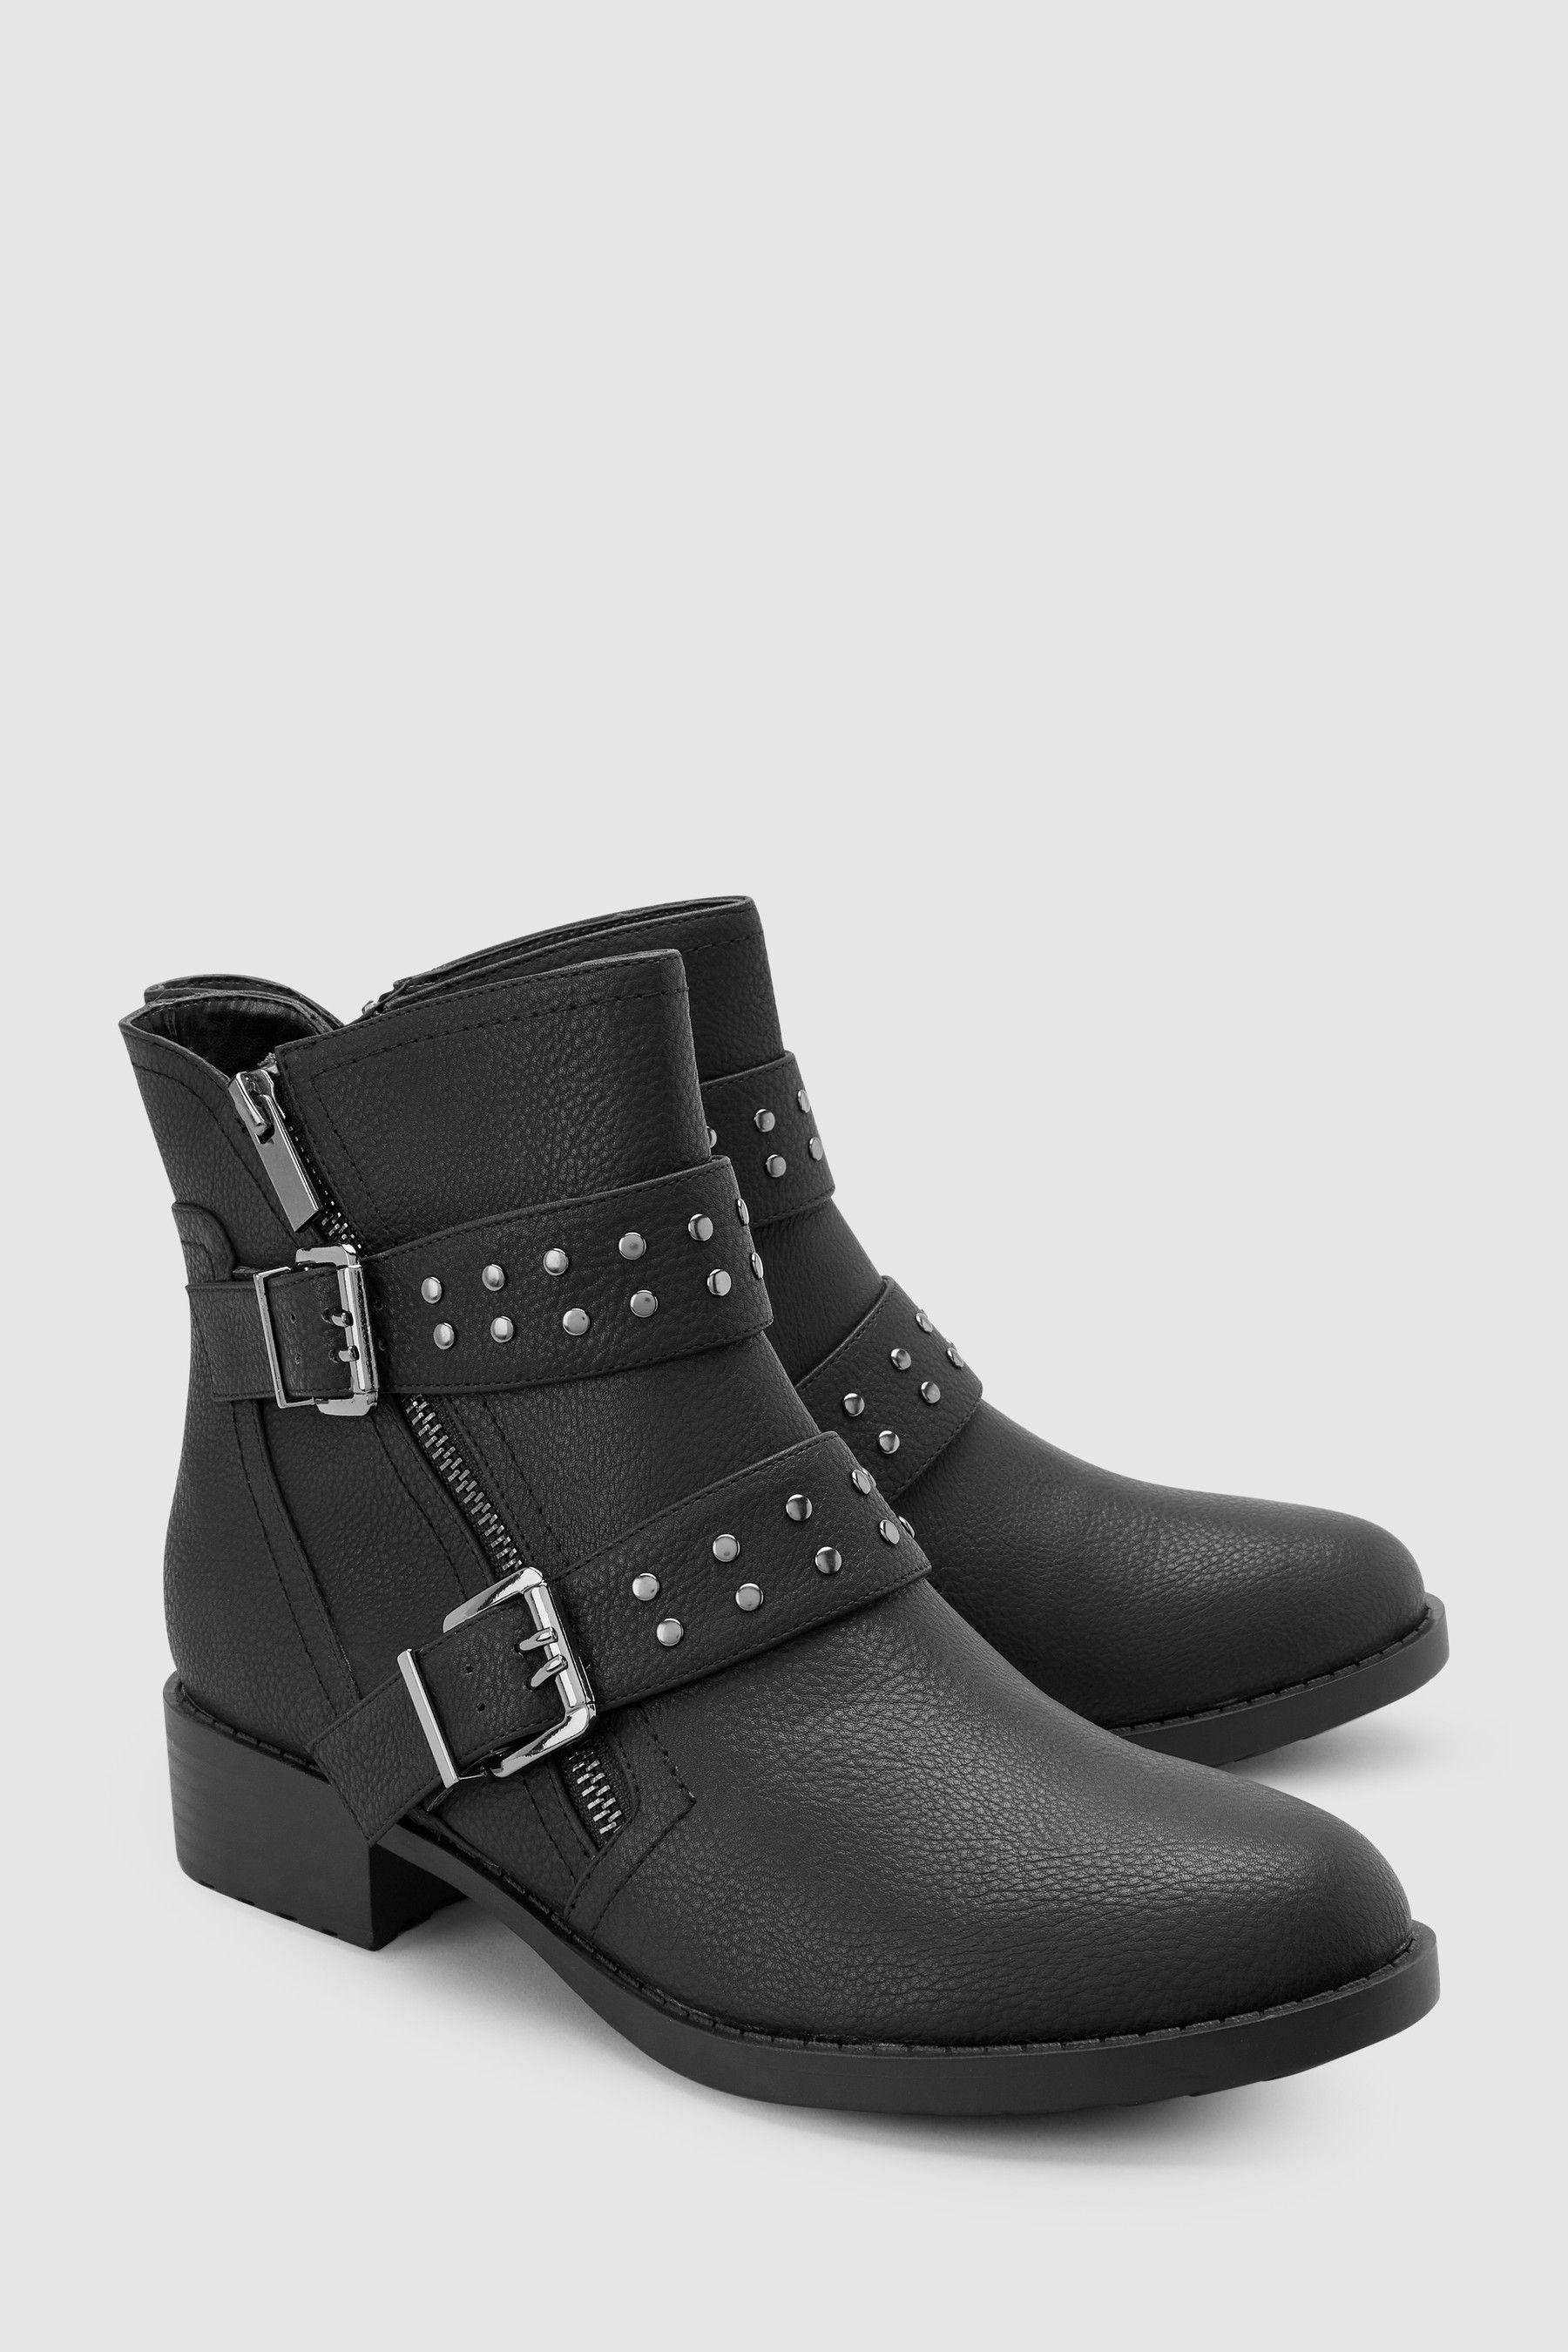 Black Biker Ankle Boots - Black